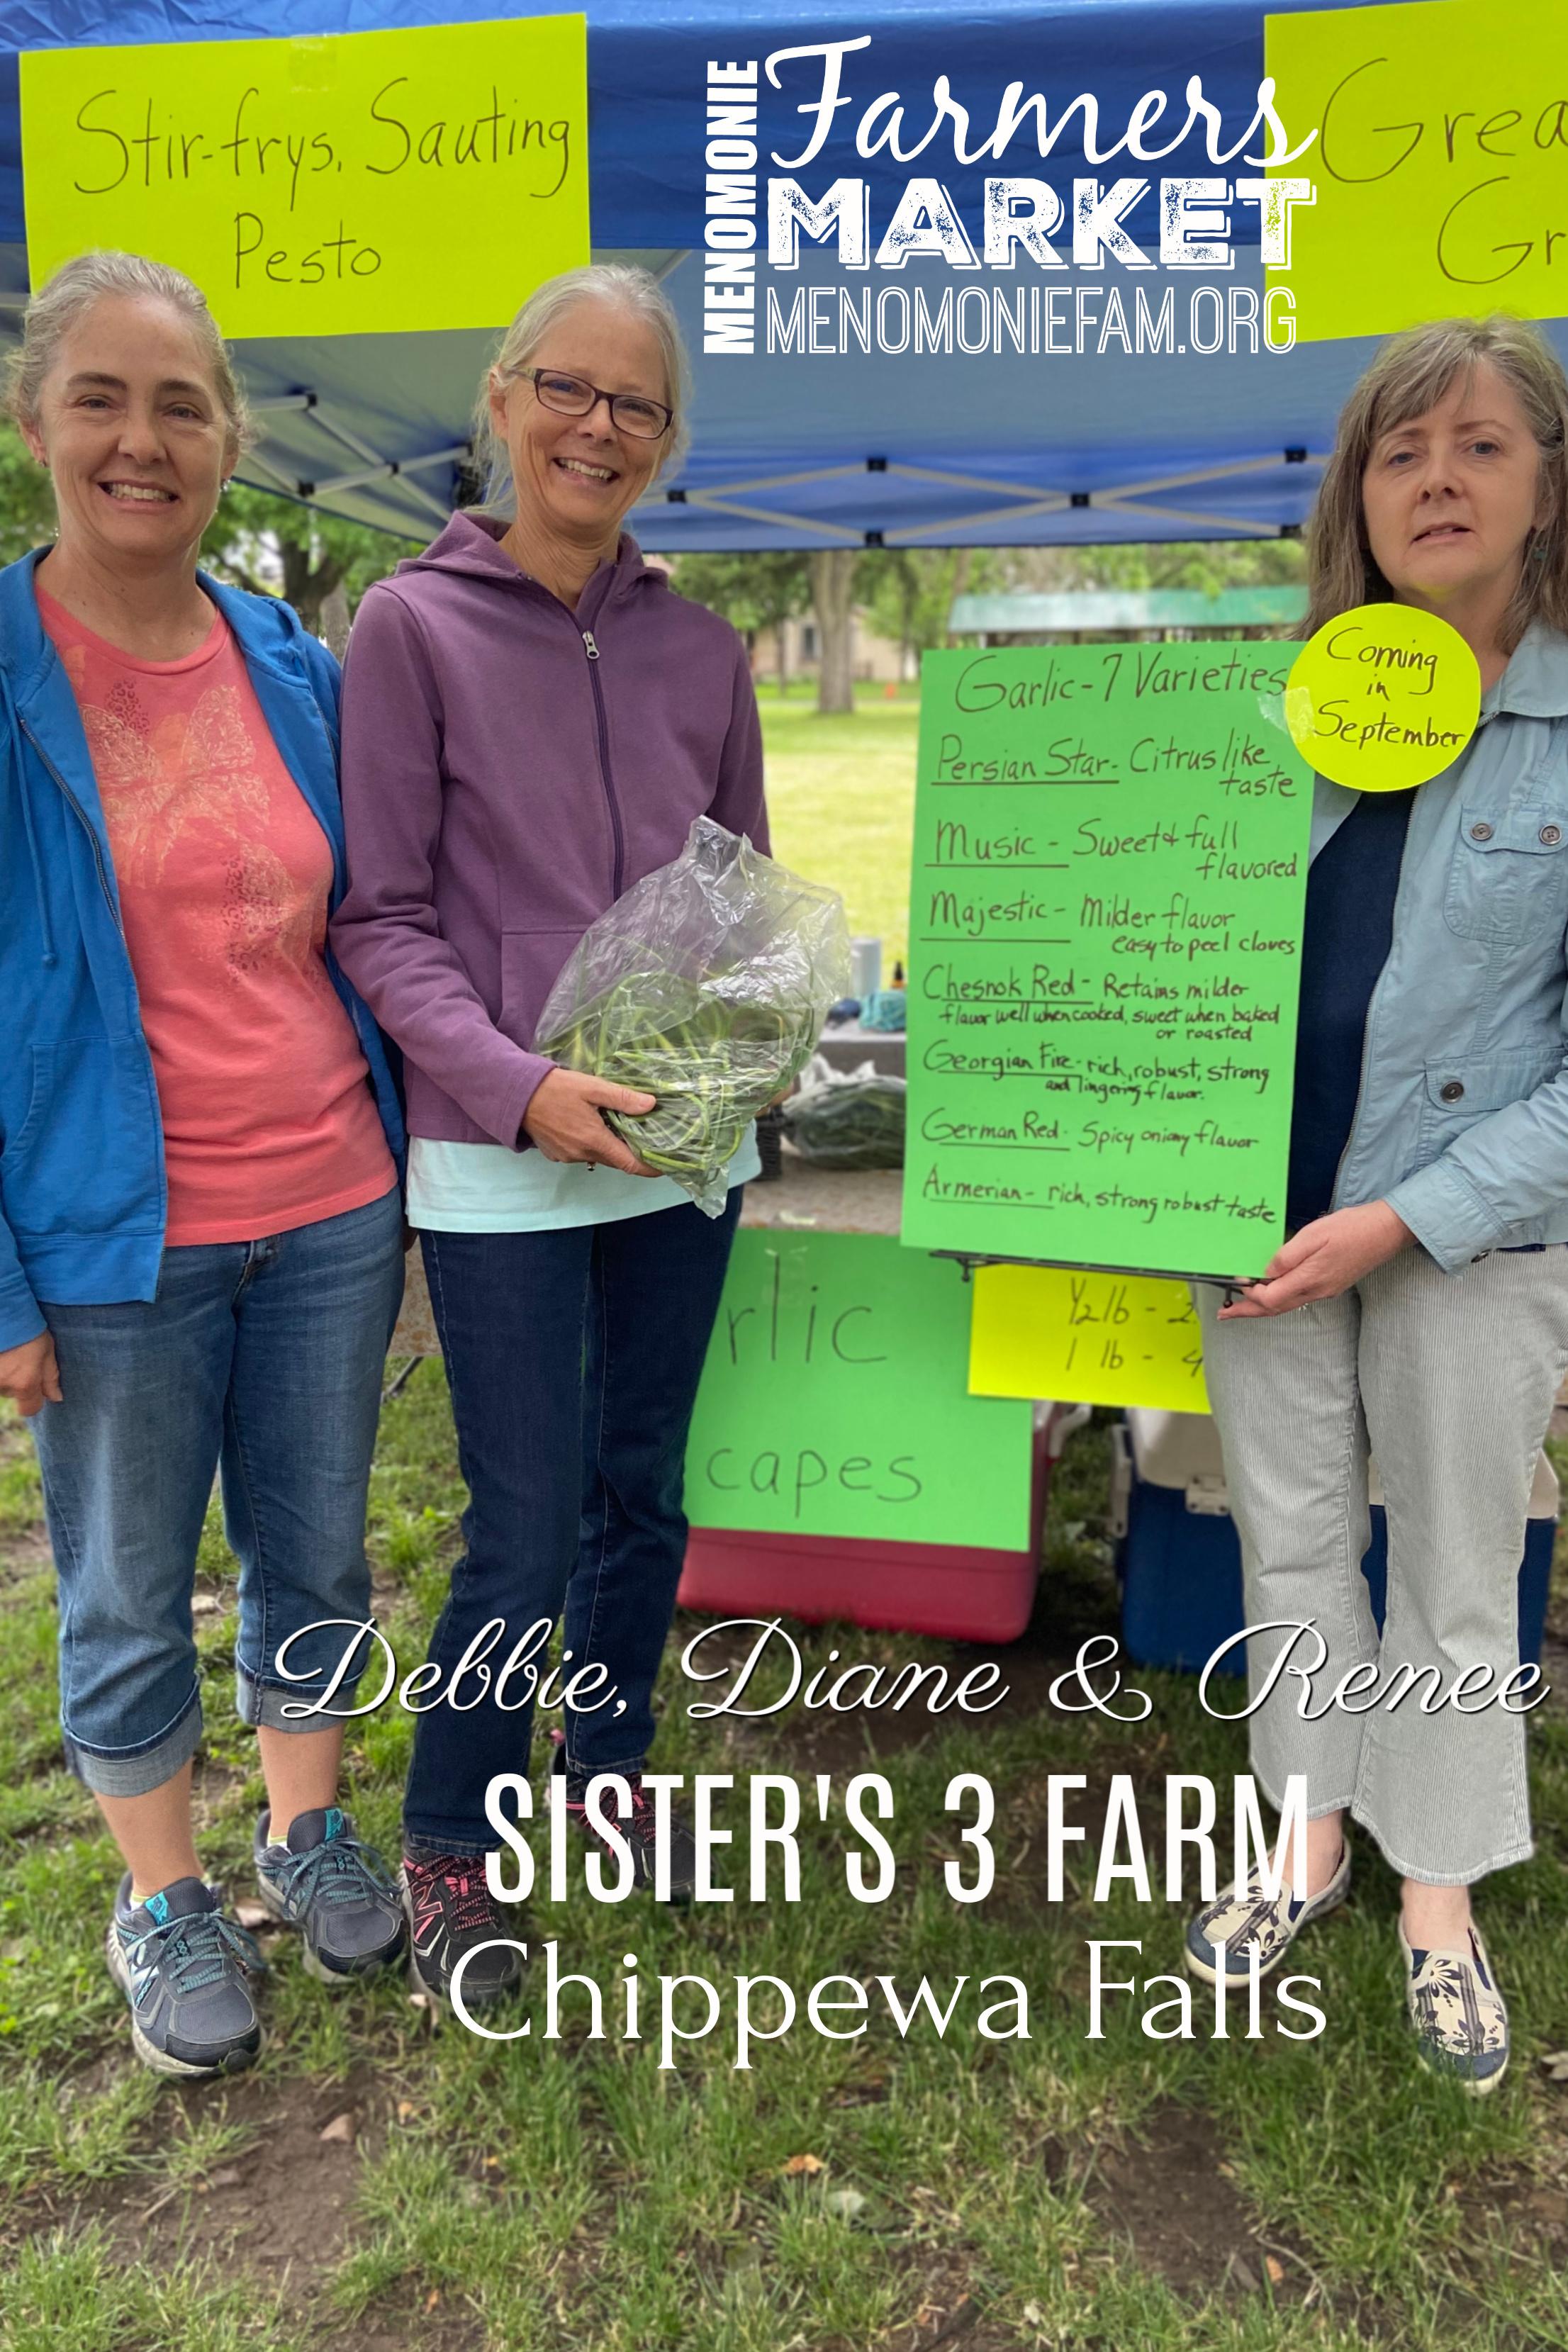 Sisters 3 Farm